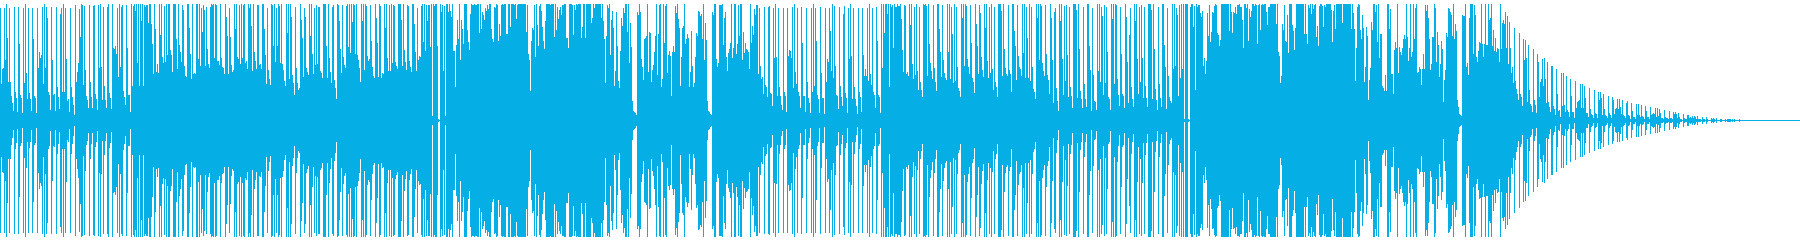 和風ダークヒップホップ6(三味線,尺八)の再生済みの波形